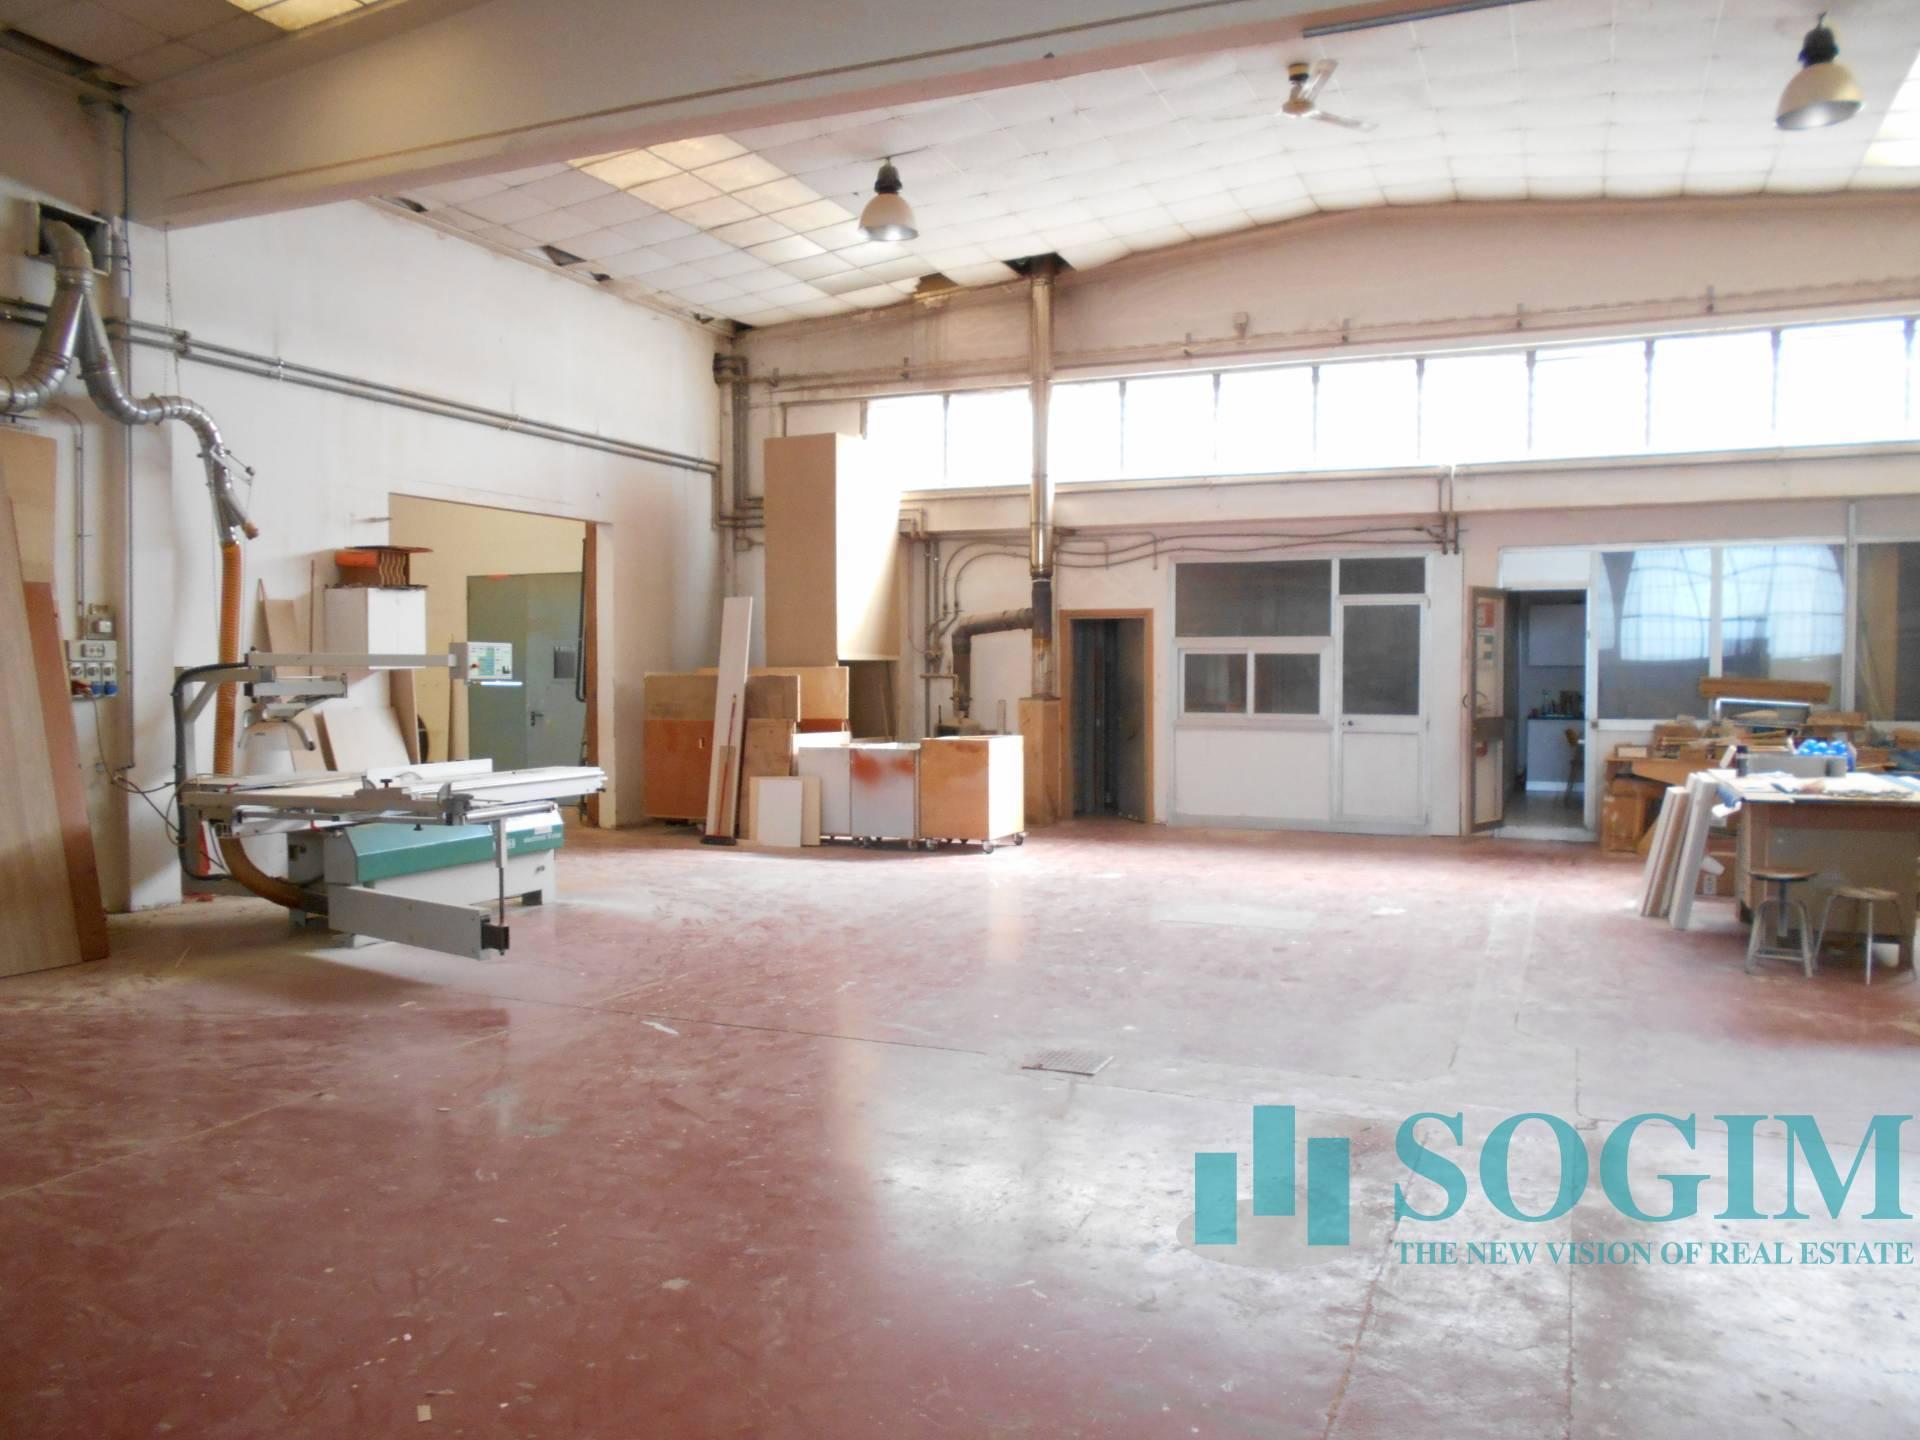 Capannone in vendita a Rozzano, 9999 locali, prezzo € 250.000 | PortaleAgenzieImmobiliari.it